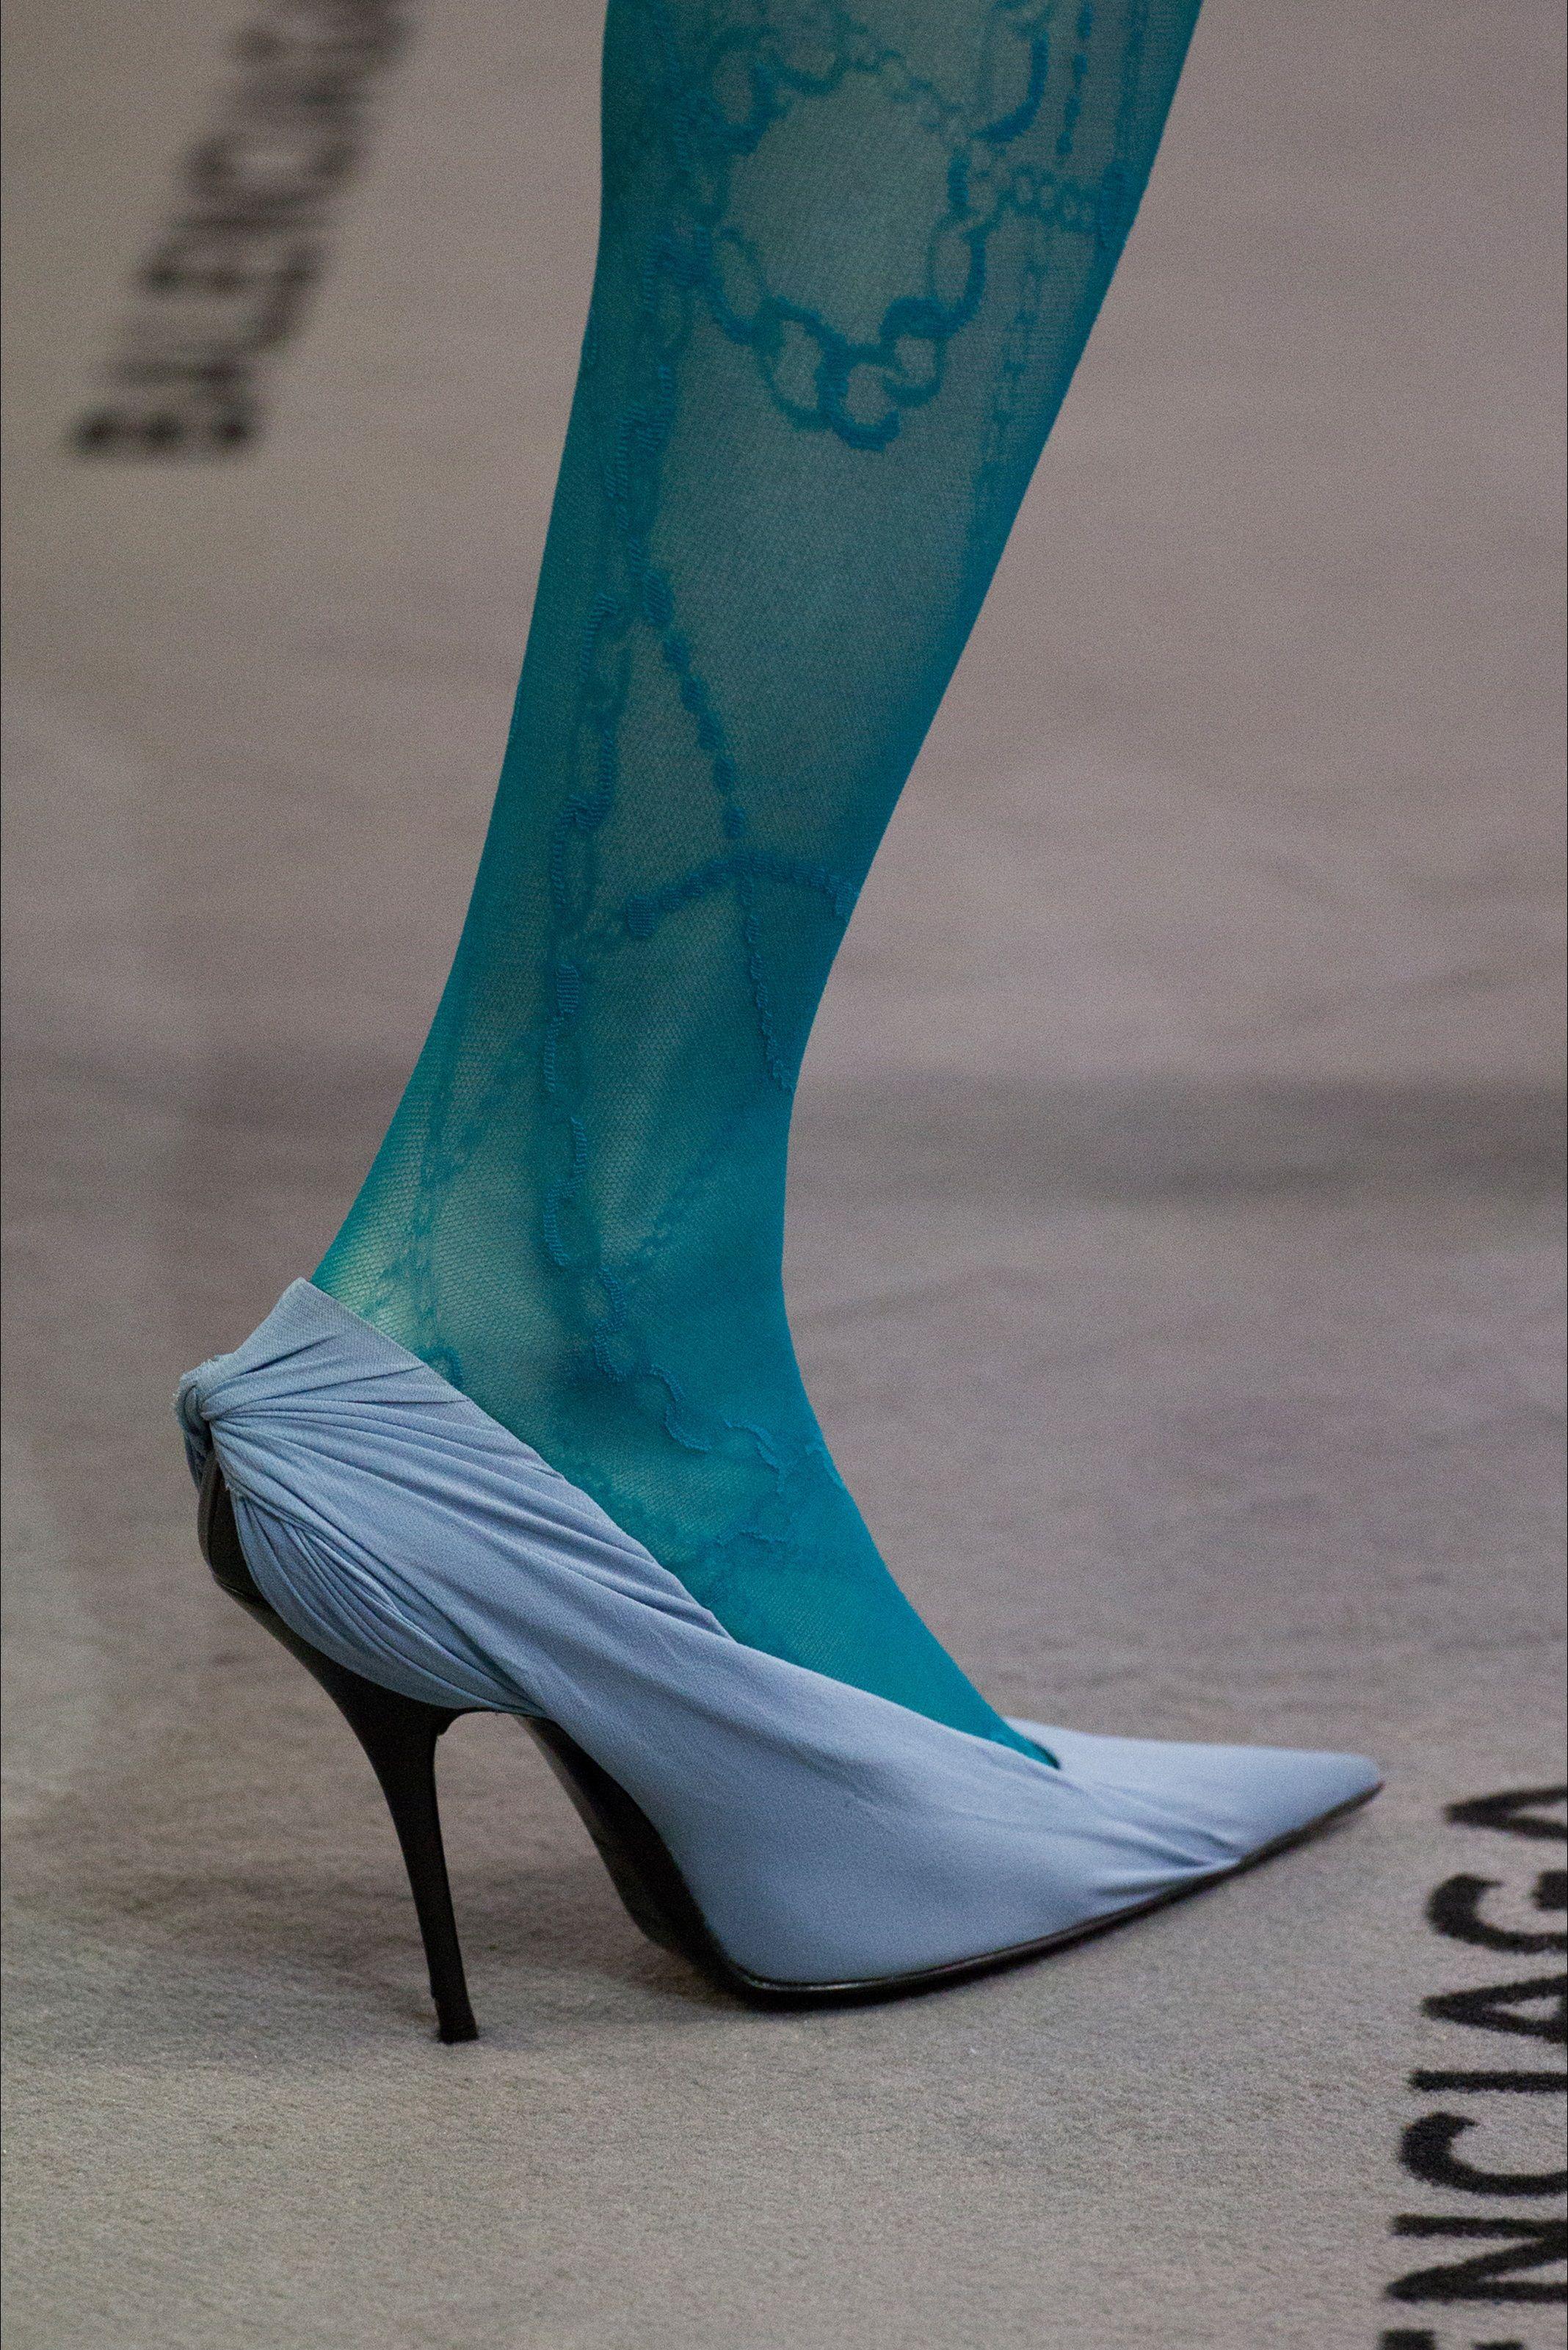 Sfilata Balenciaga Parigi - Collezioni Autunno Inverno 2017-18 - Dettagli - Vogue